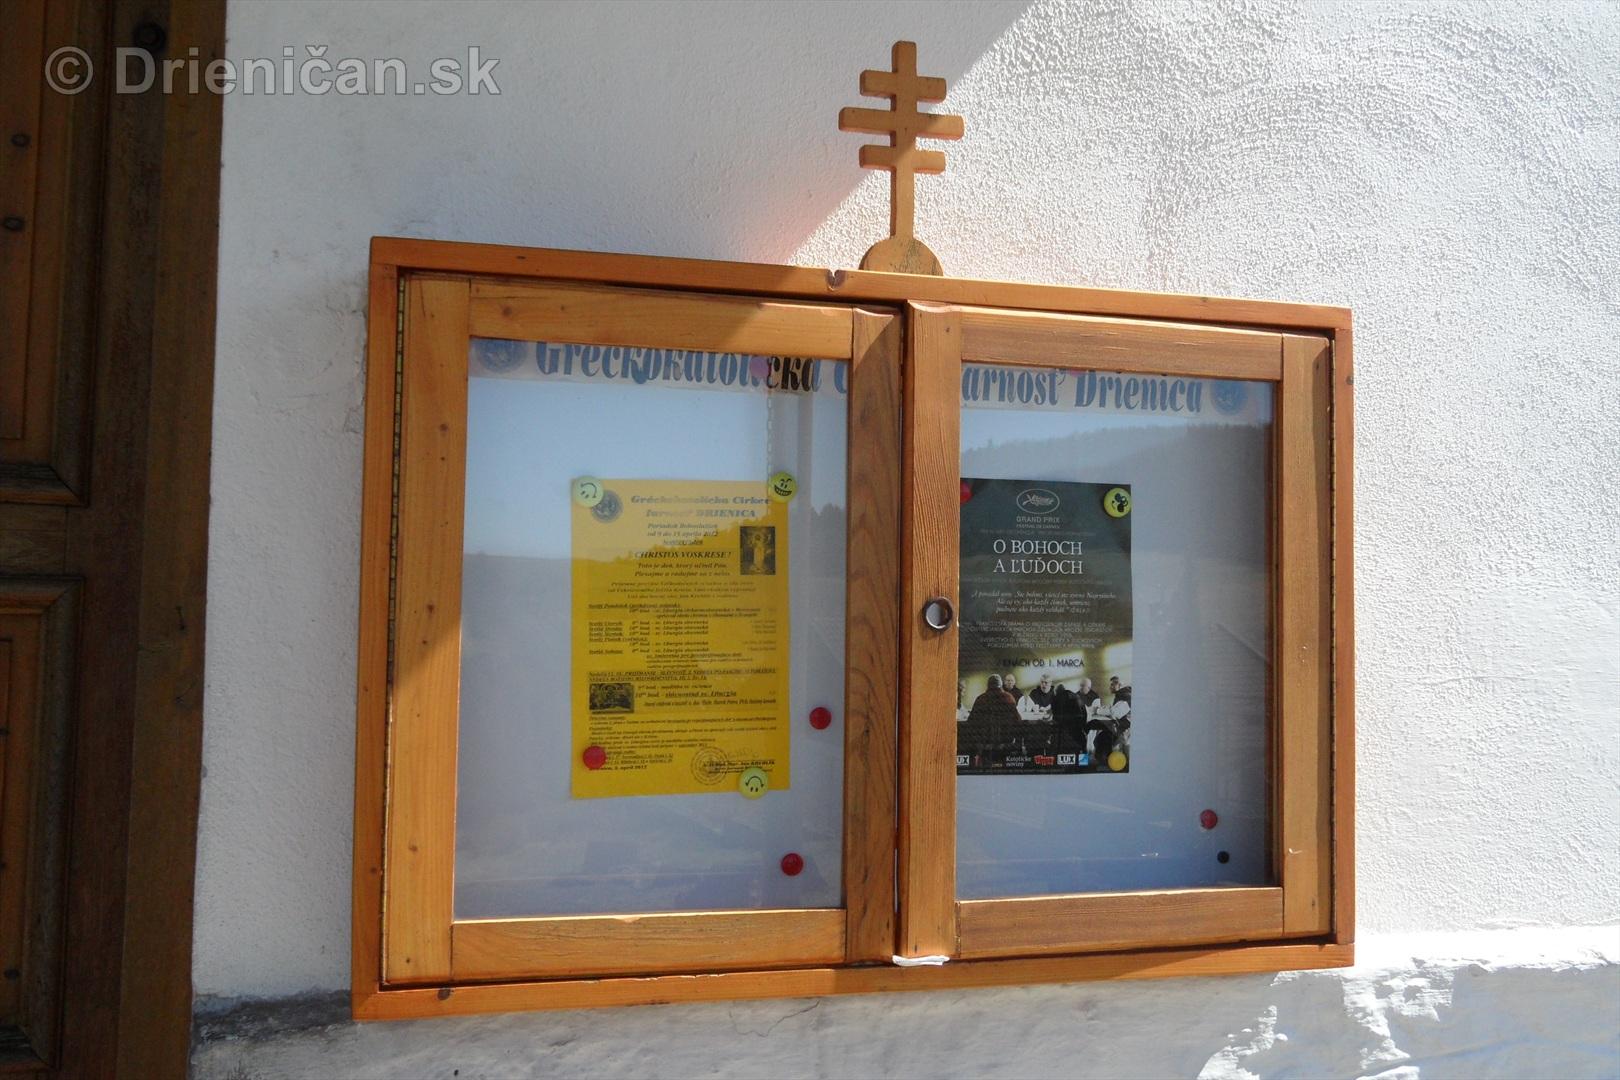 Informačná tabuľa, Gréckokatolíckej Farnosti v Drienici